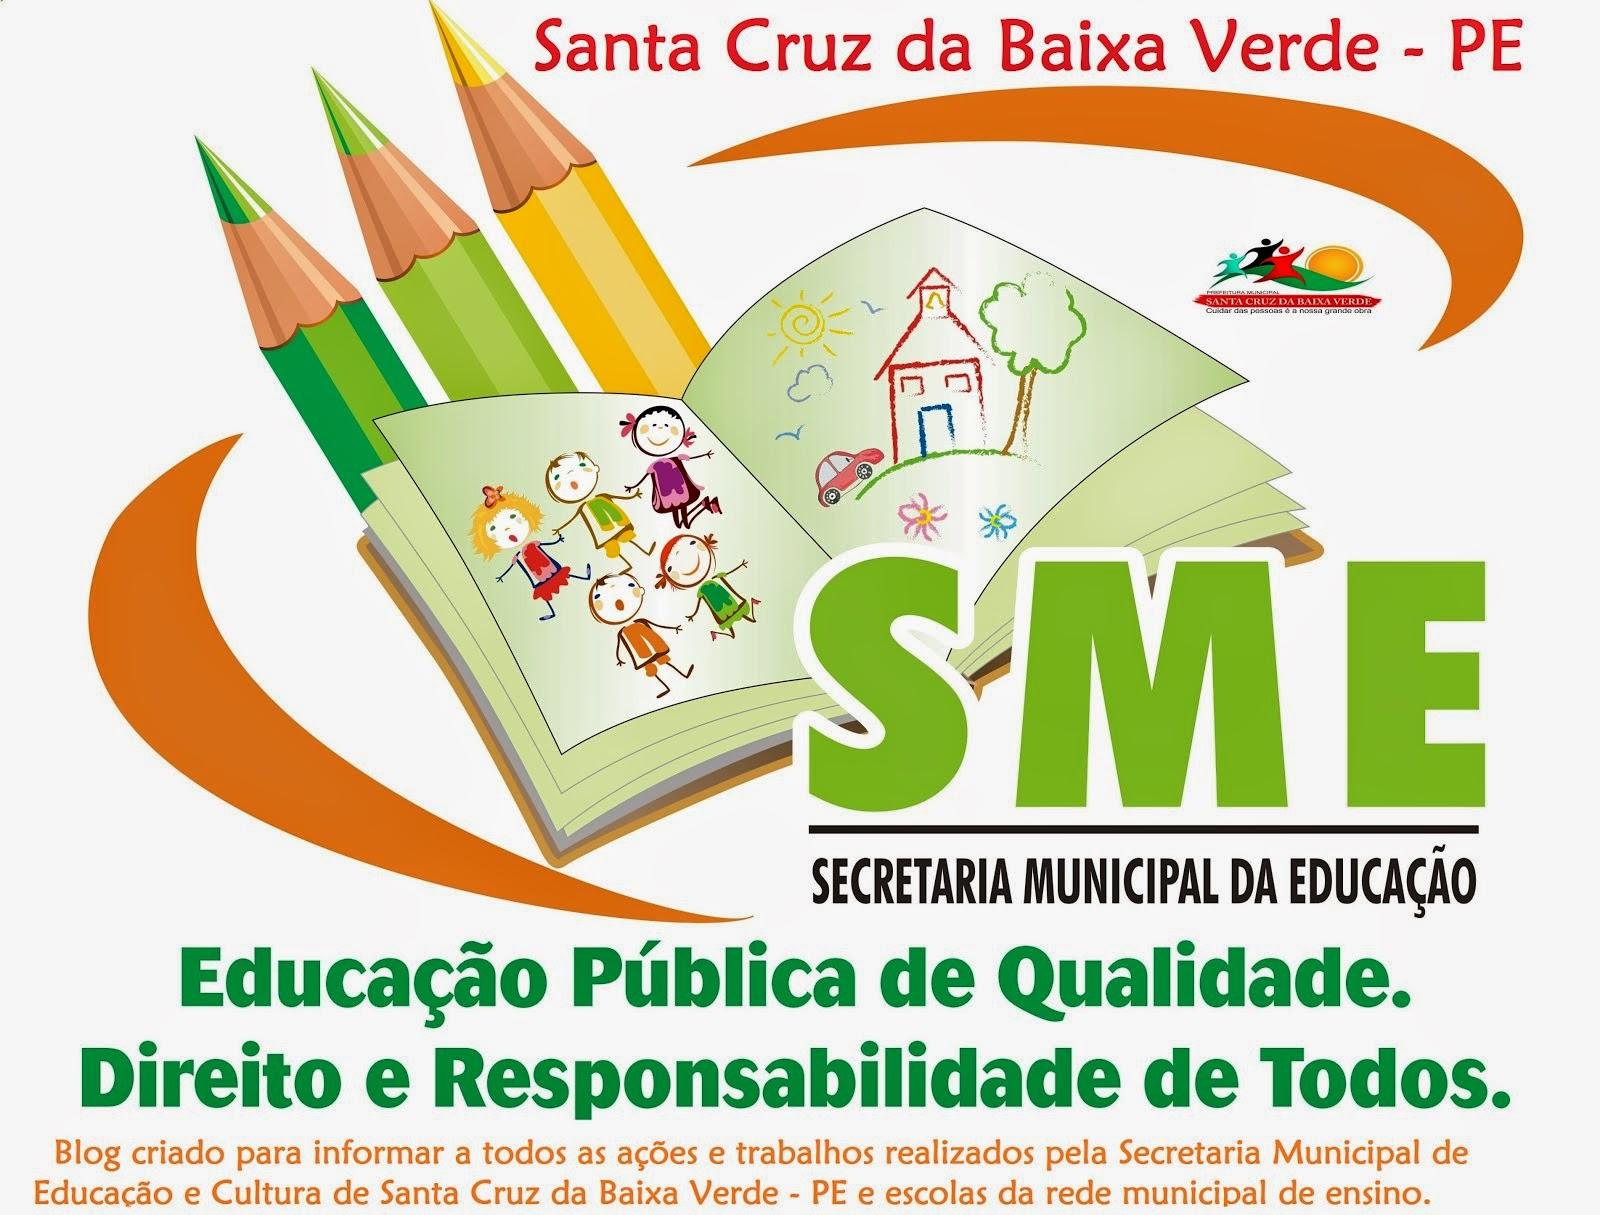 Santa Cruz da Baixa Verde - Secretaria de Educação e Cultura